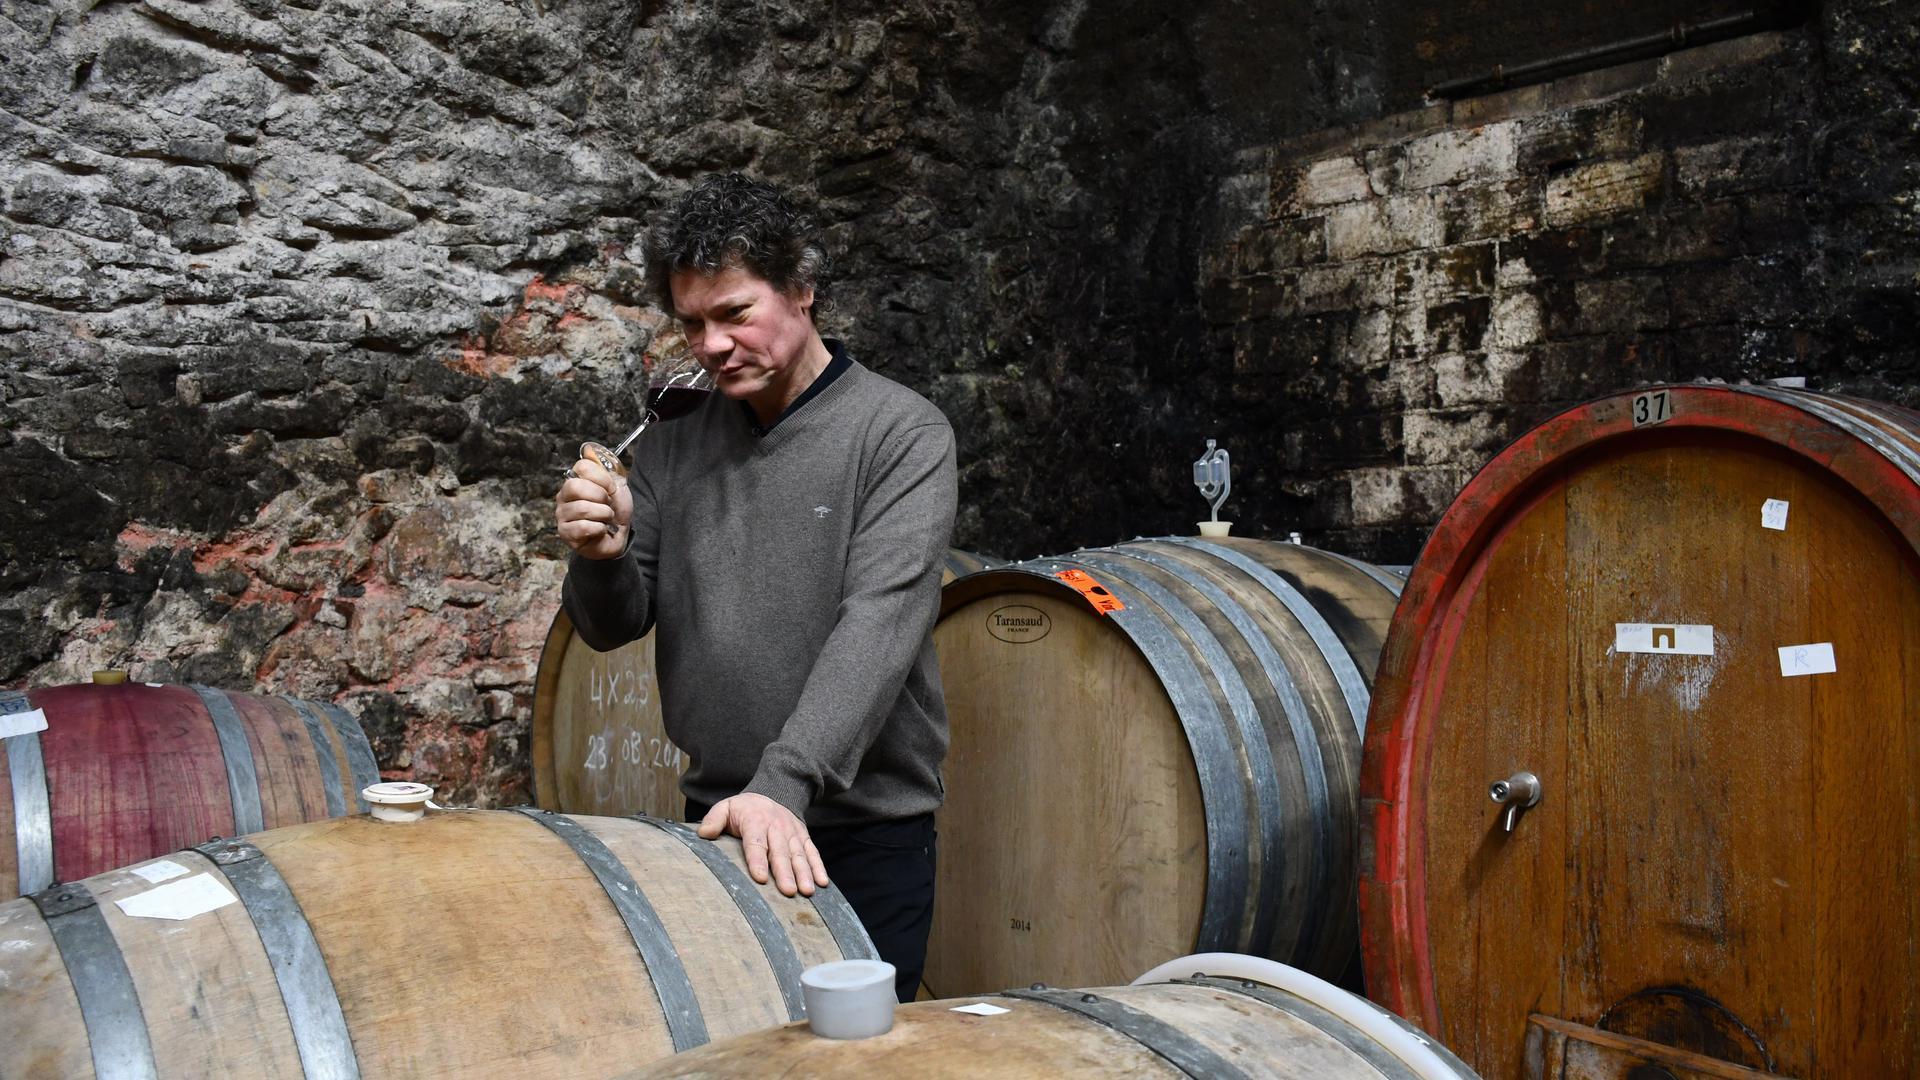 Geht ungewöhnliche Wege: Robert Schätzle vom Weingut Neuweier ist experimentierfreudig und reagiert auf die Herausforderungen durch den Klimawandel auf den Weinbau.